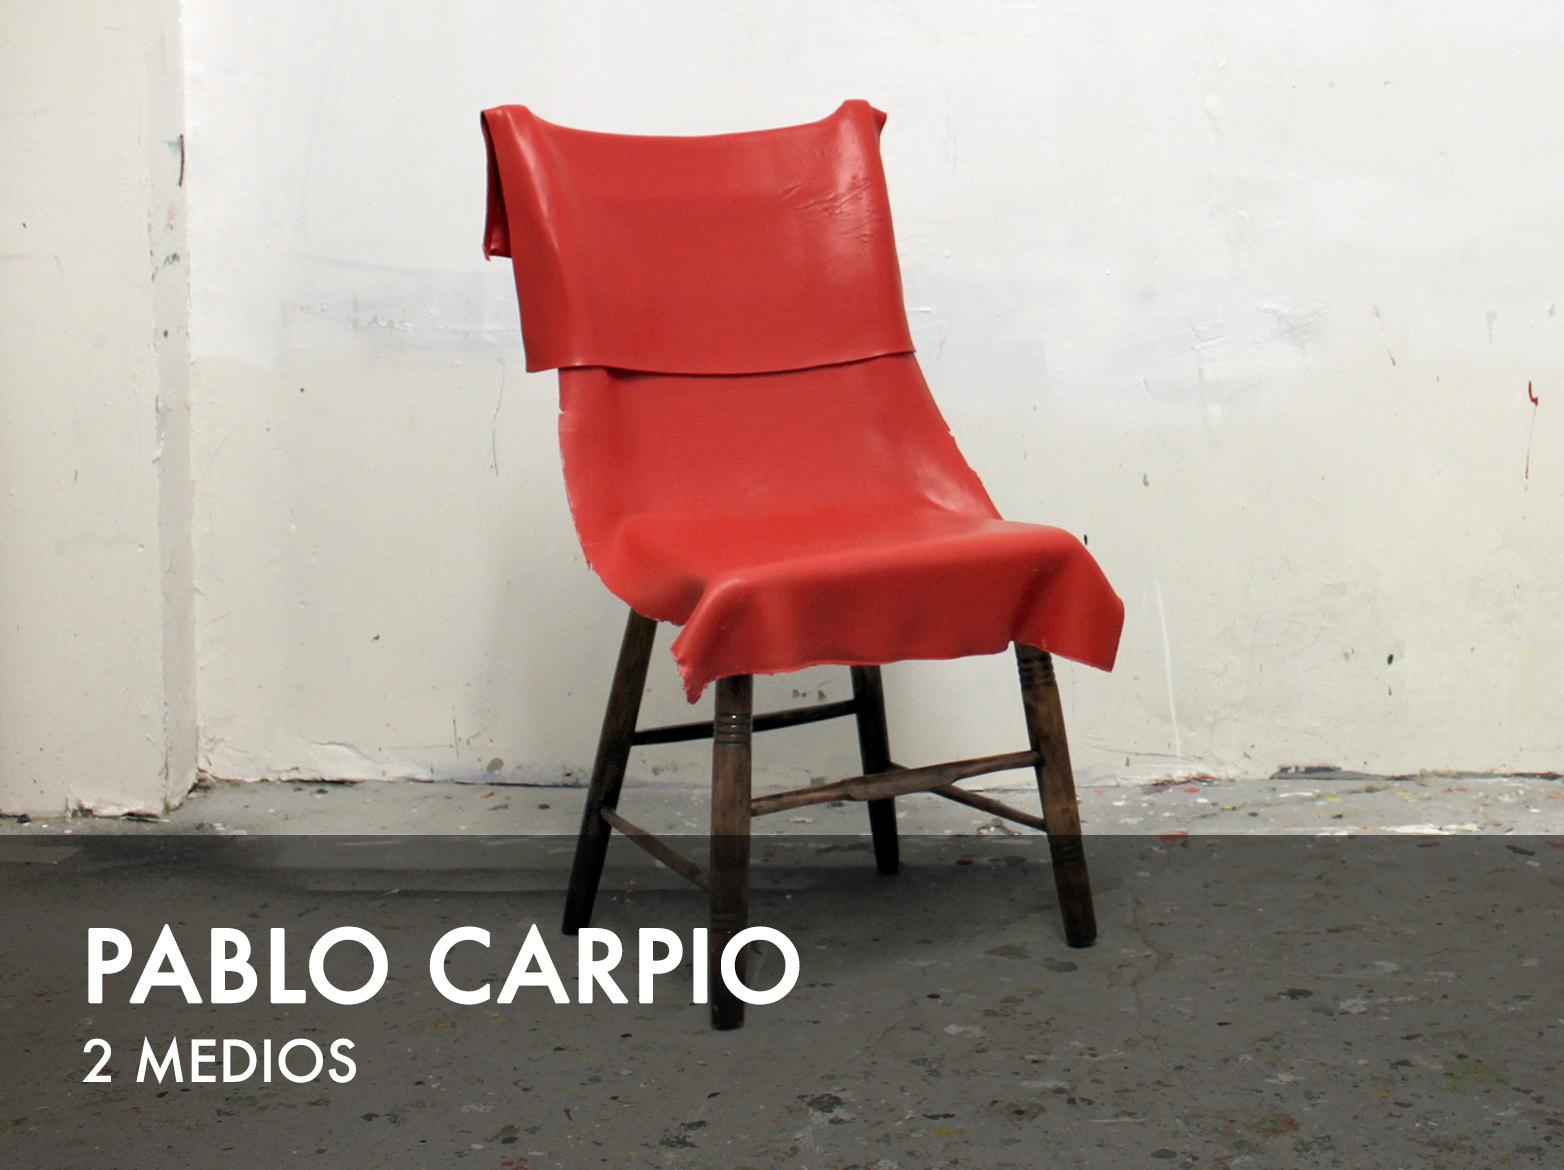 pablo_carpio_2_medios